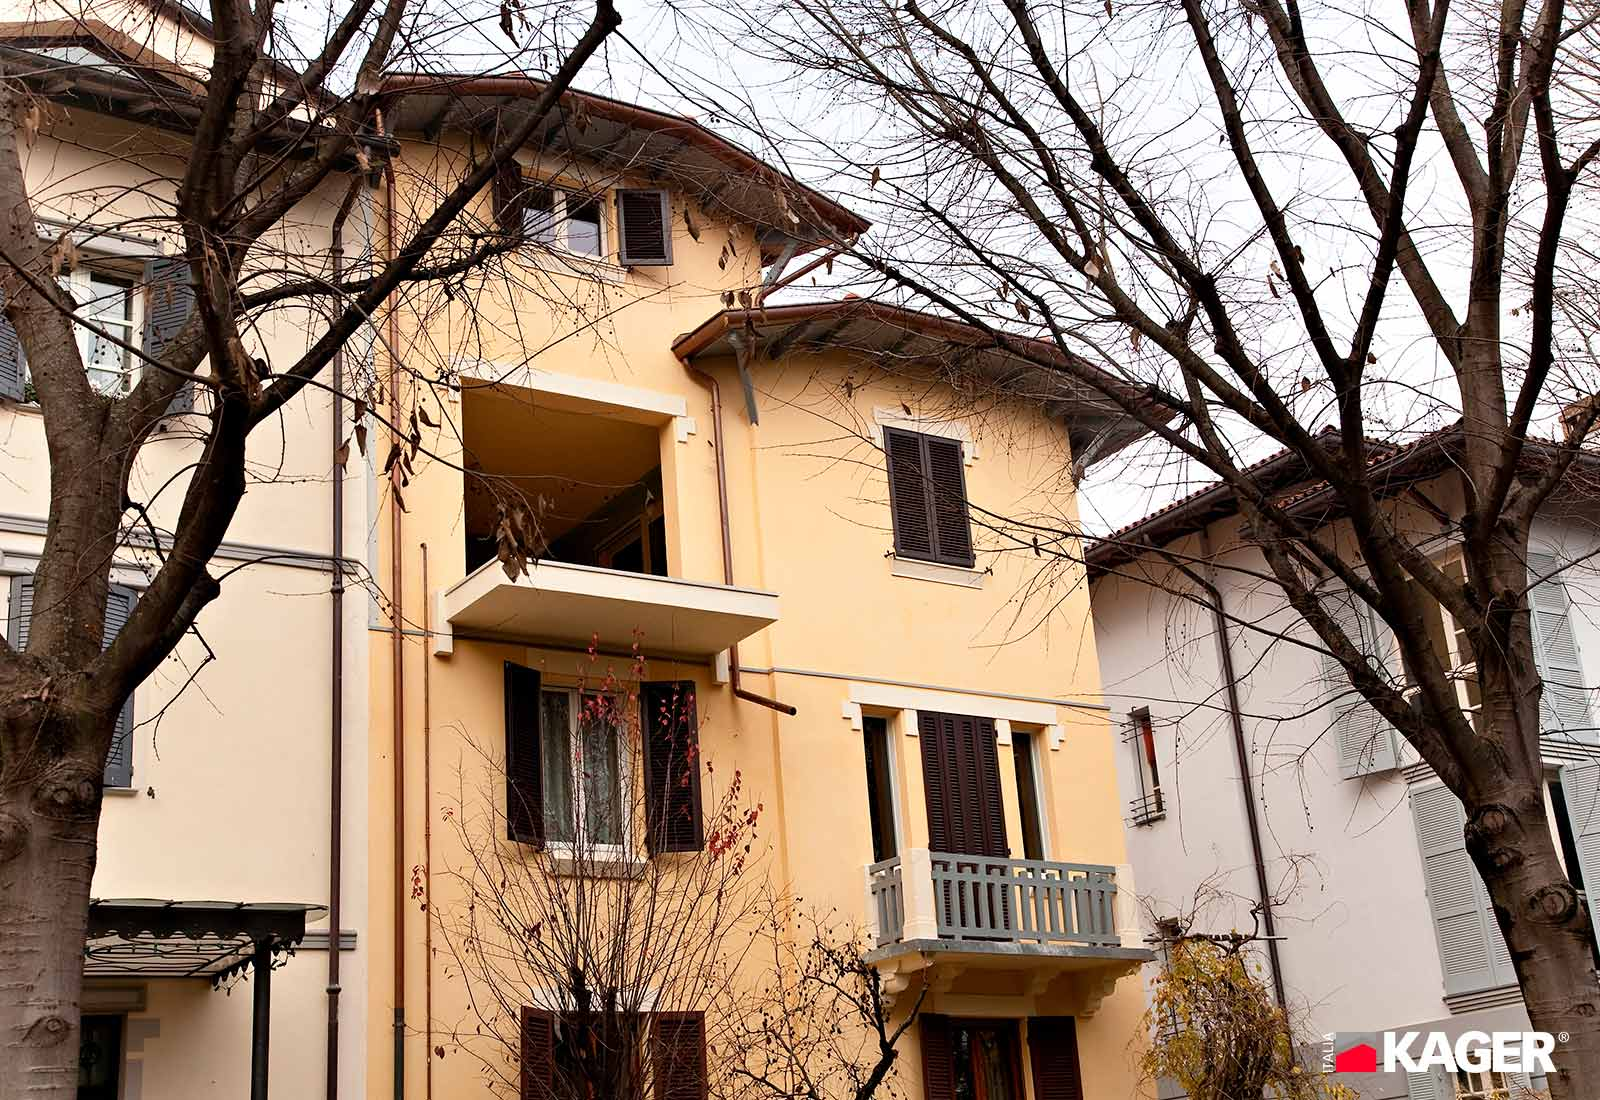 Casa-in-legno-Parma-sopraelevazione-Kager-Italia-02